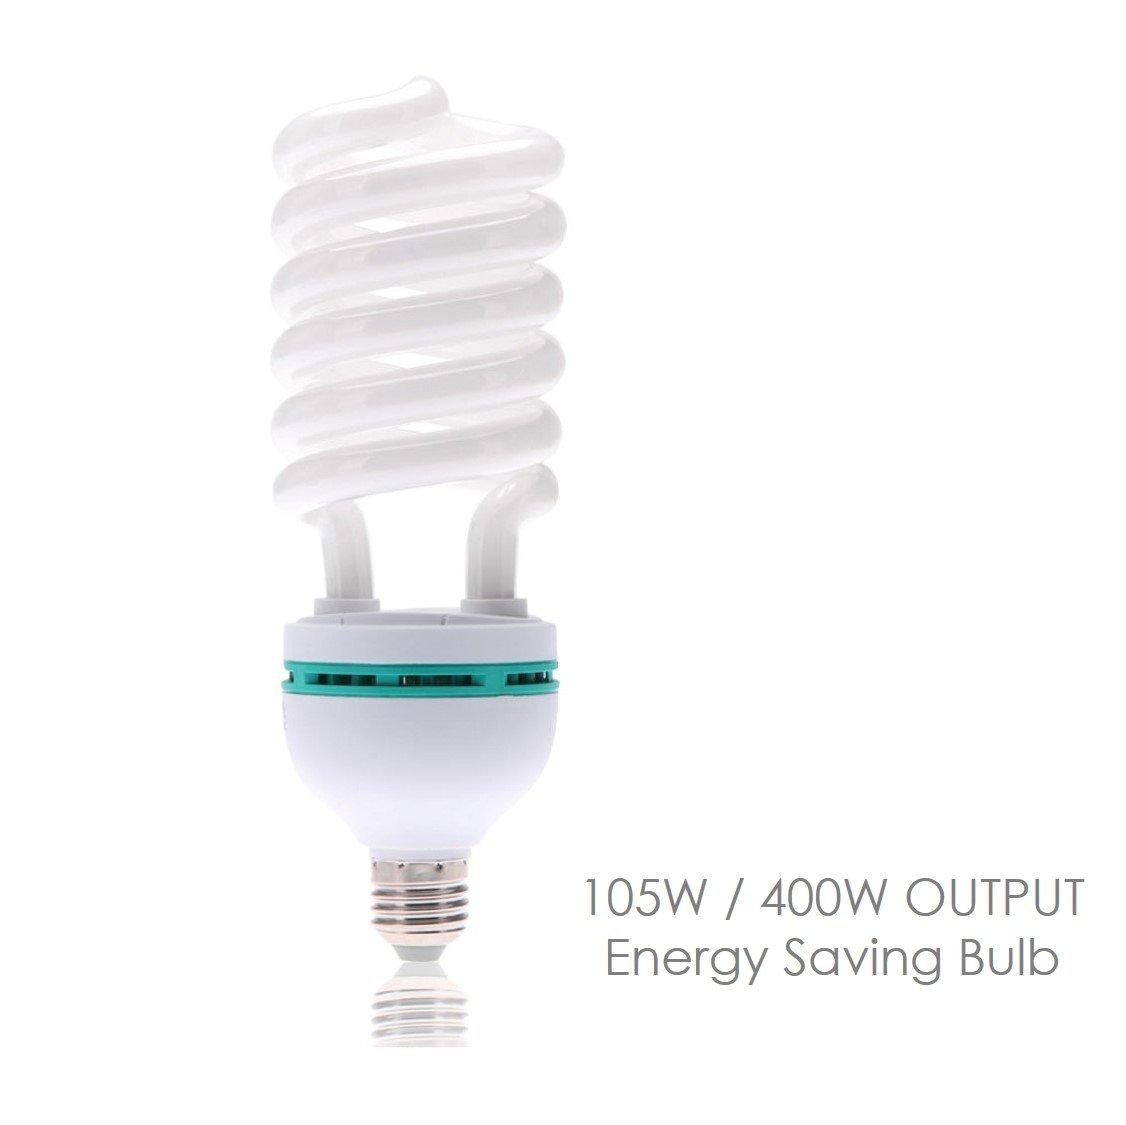 LimoStudio Full Spectrum Light Bulb 105 Watt 5500K CFL Daylight Bulb White Balanced Light, LMS697